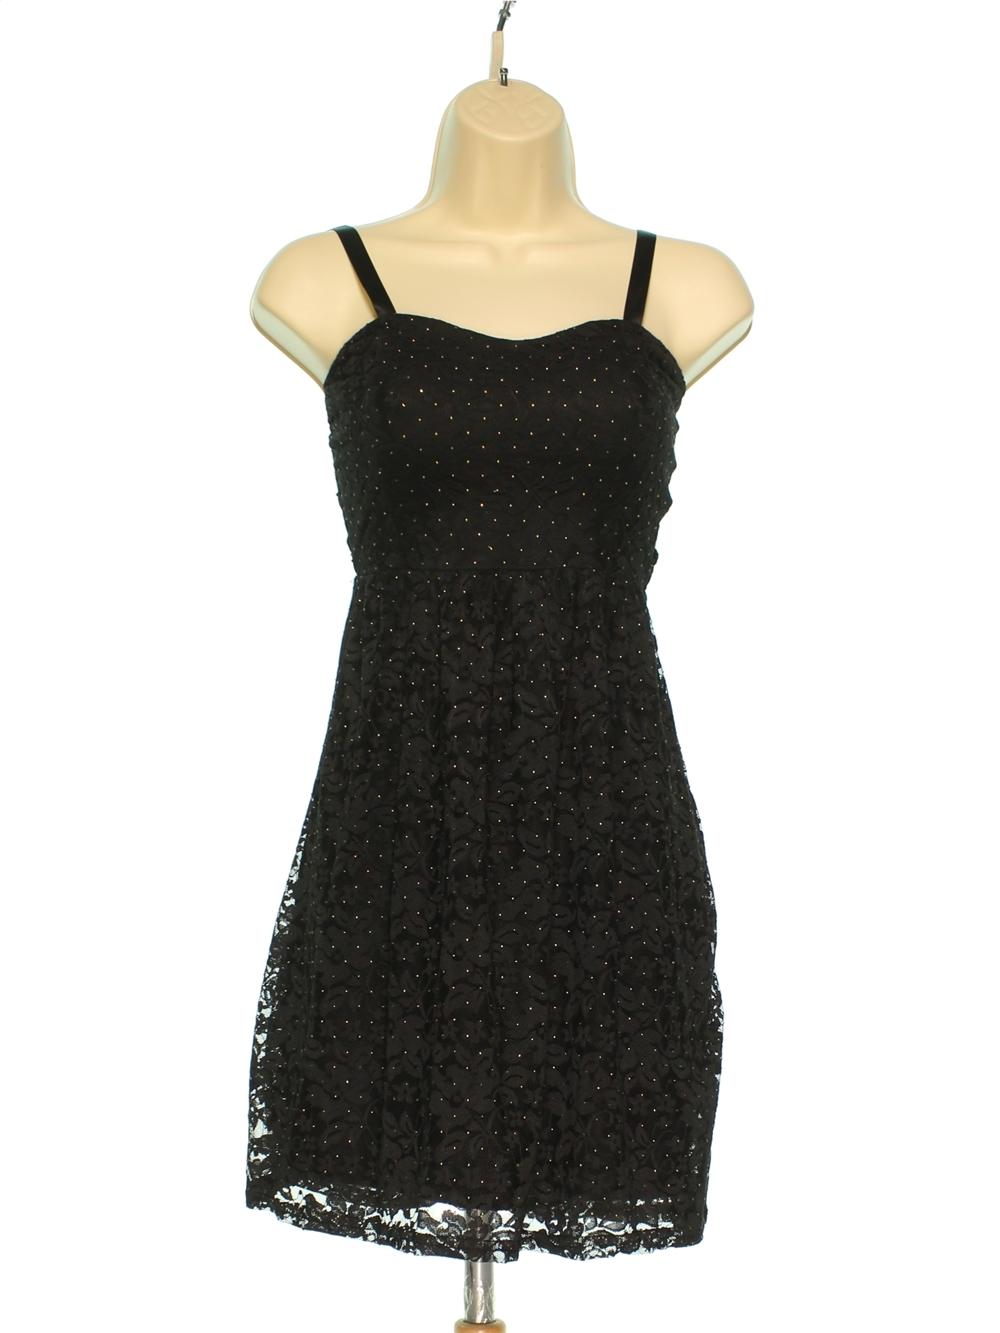 e3b3959348 Robe de soirée Femme PIMKIE 34 (S - T1) pas cher, 9.40 € - #1169839